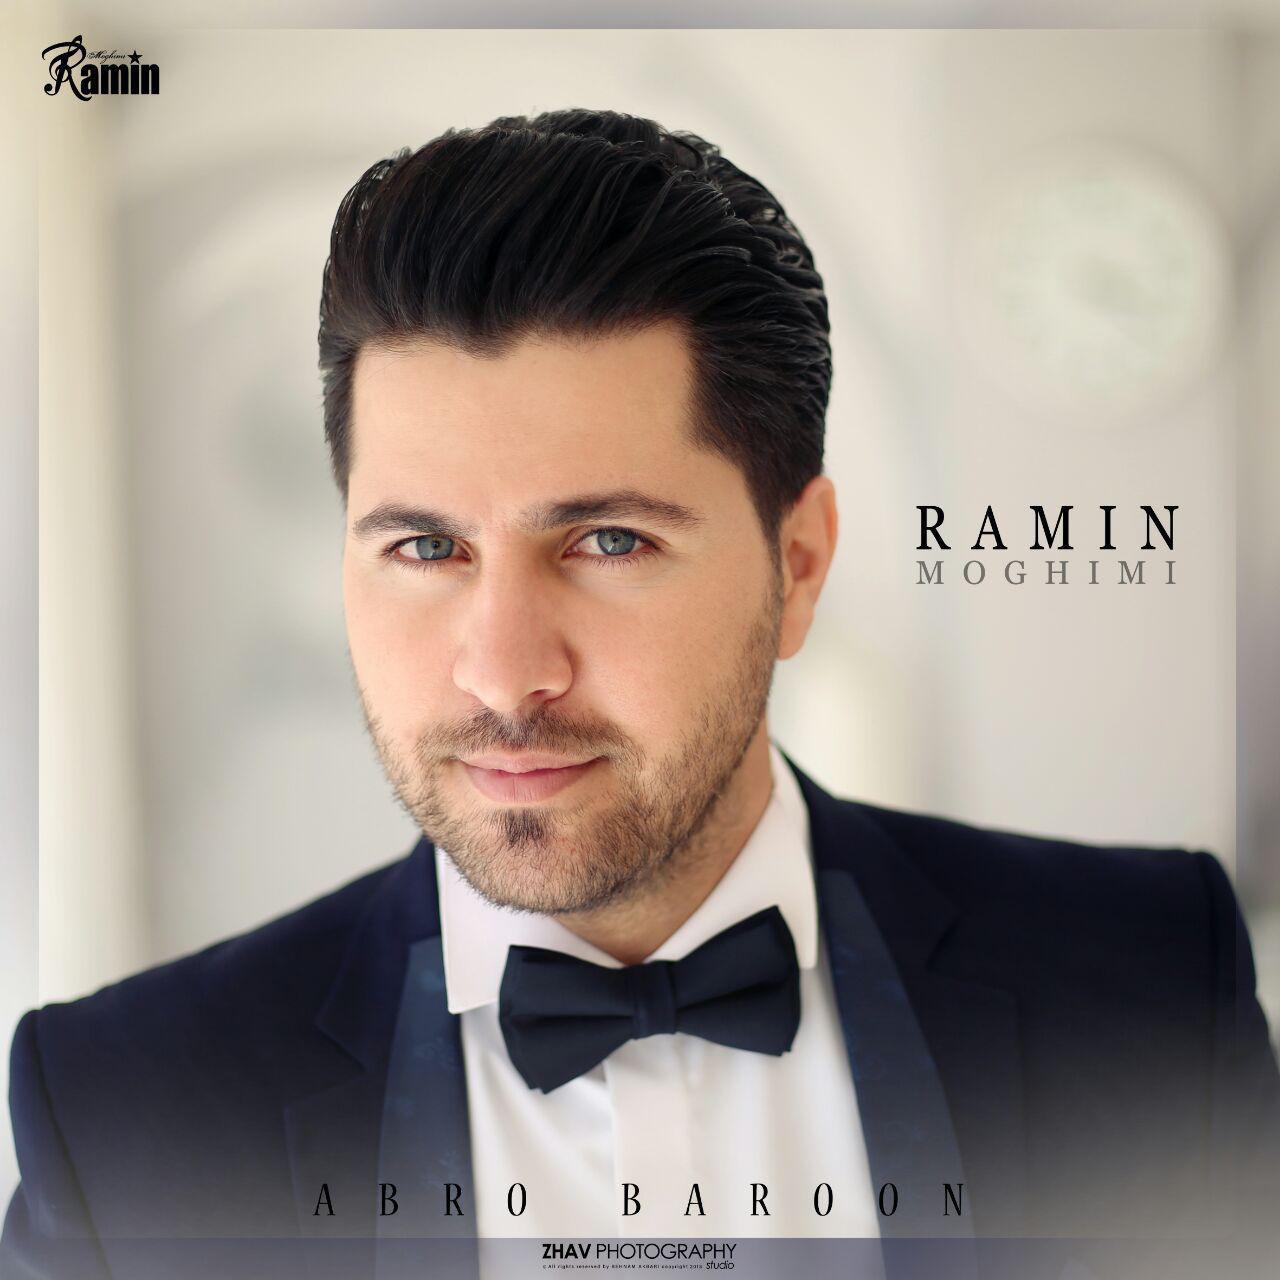 Ramin Moghimi – Abro Baroon